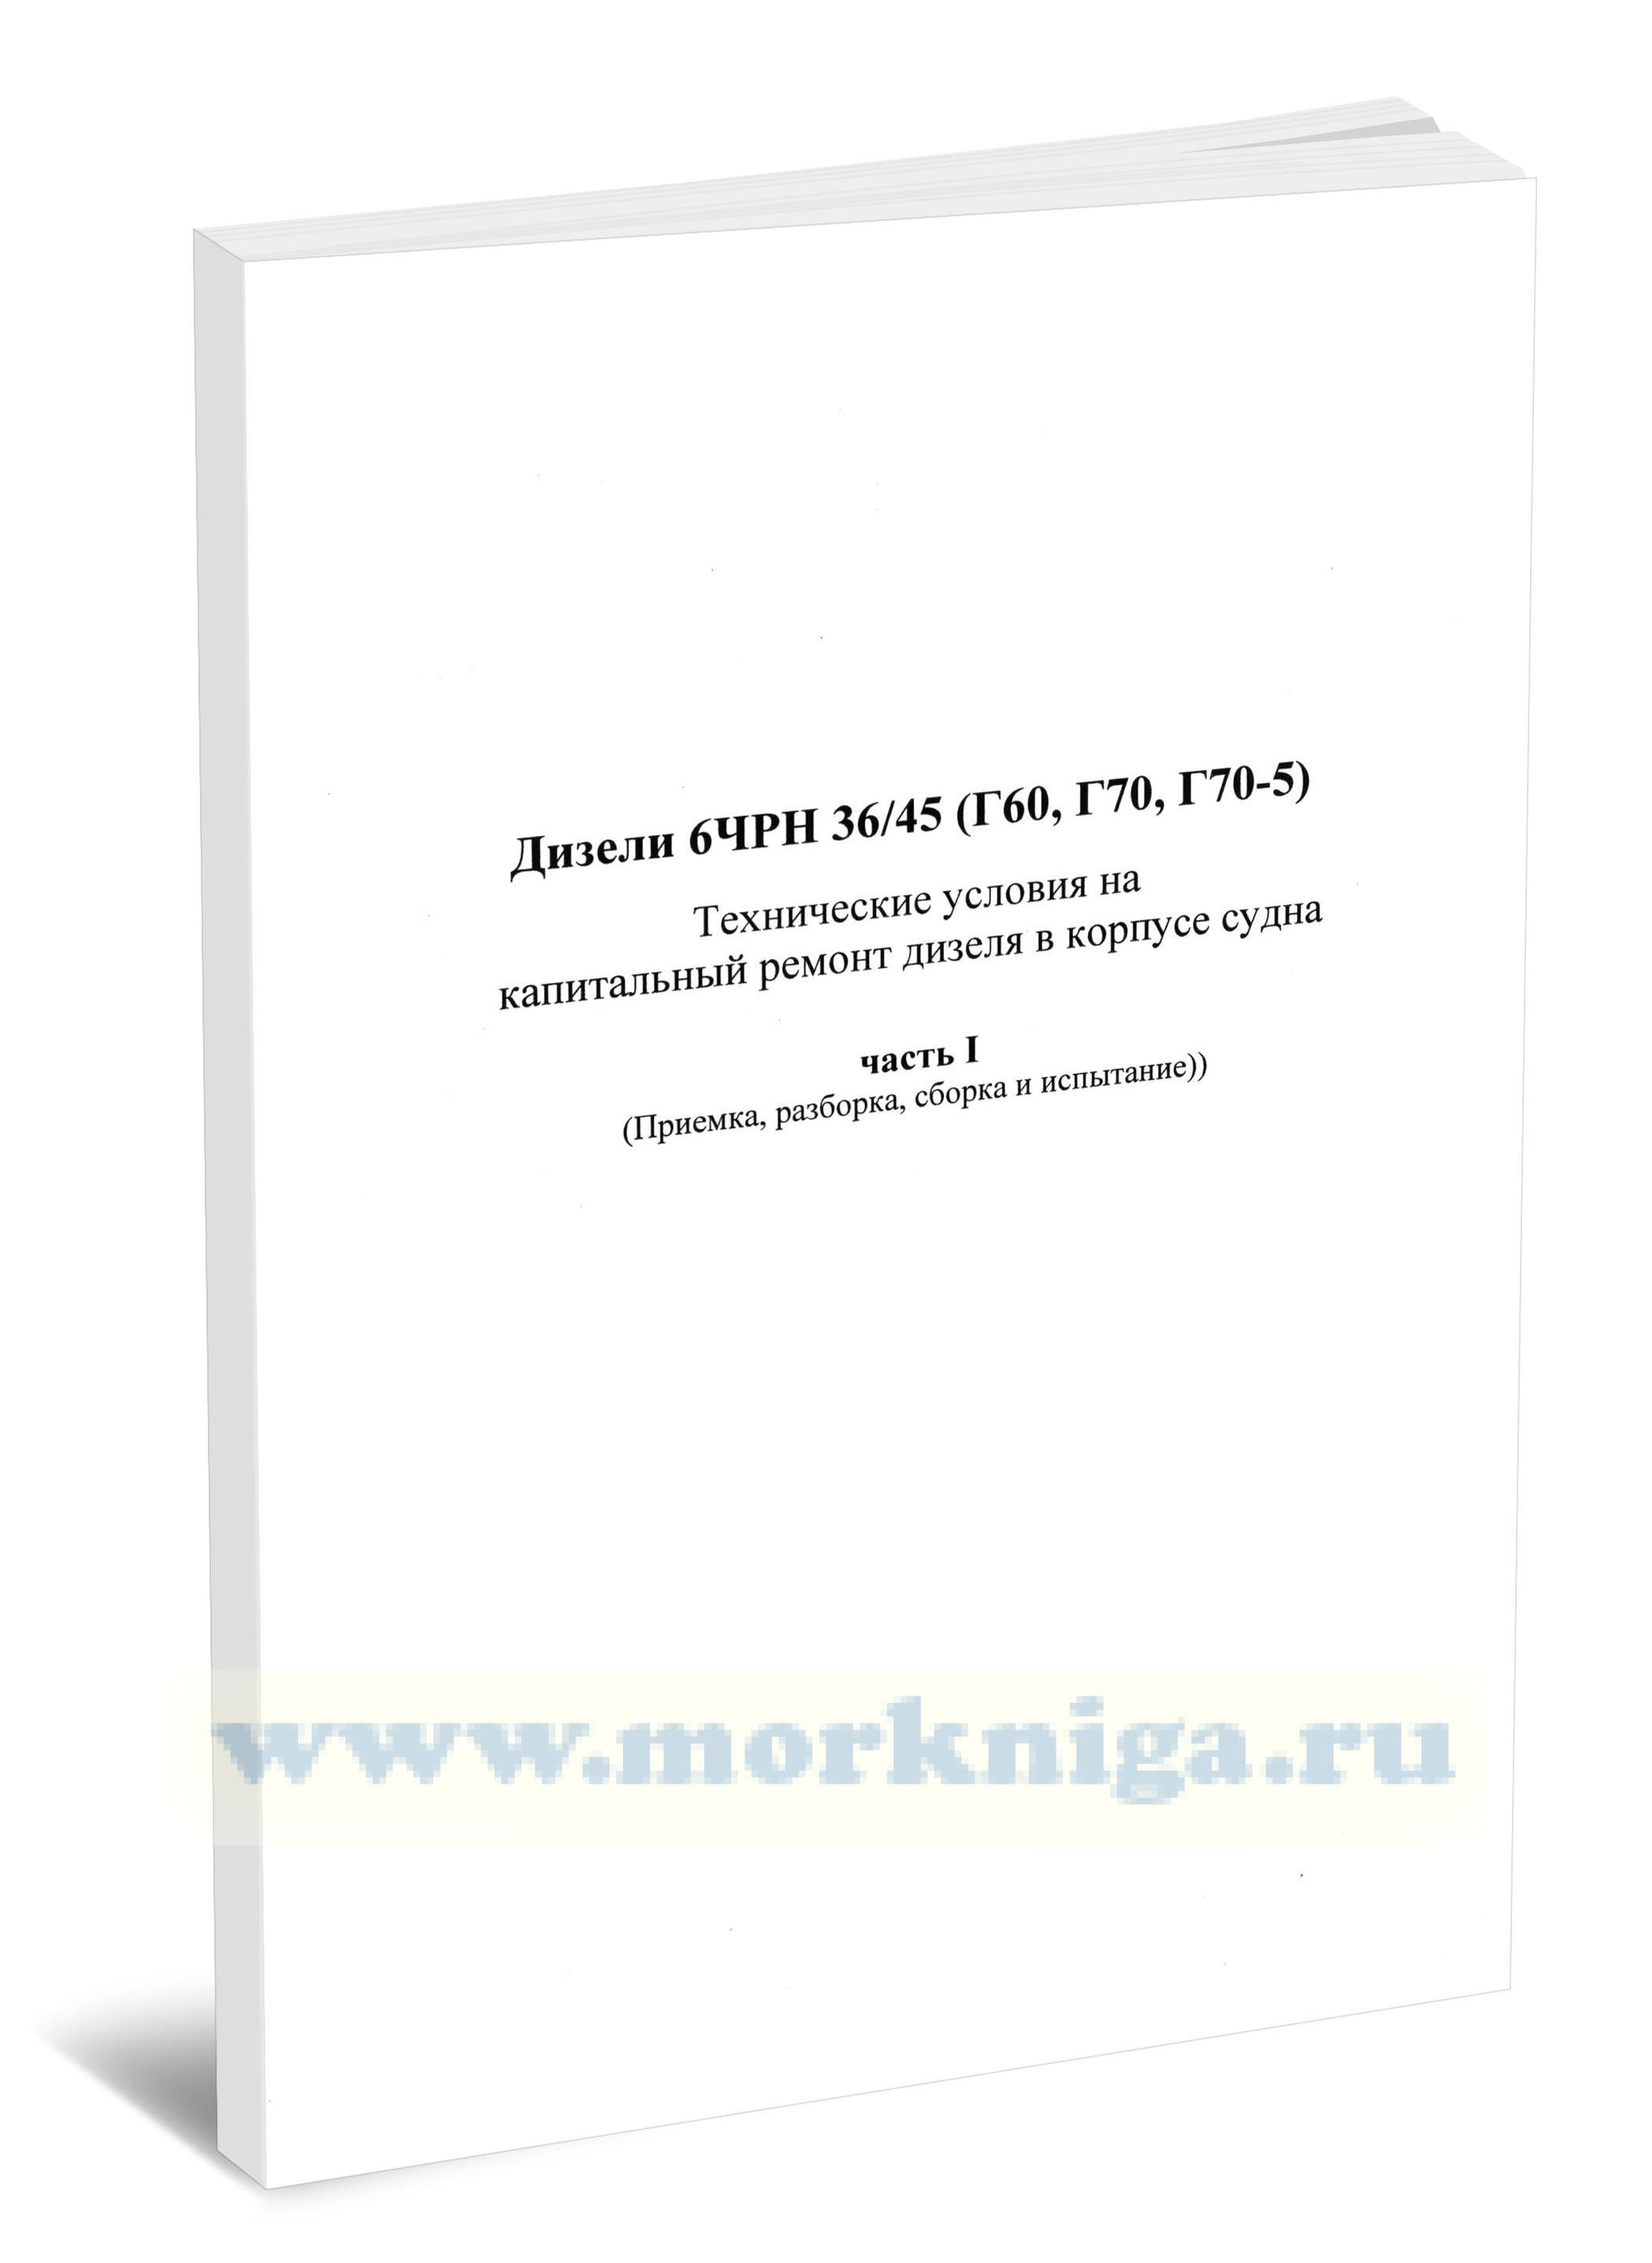 Дизели 6ЧНР 36/45 (Г60, Г70, Г70-5). Технические условия на капитальный ремонт дизеля в корпусе судна. Часть 1